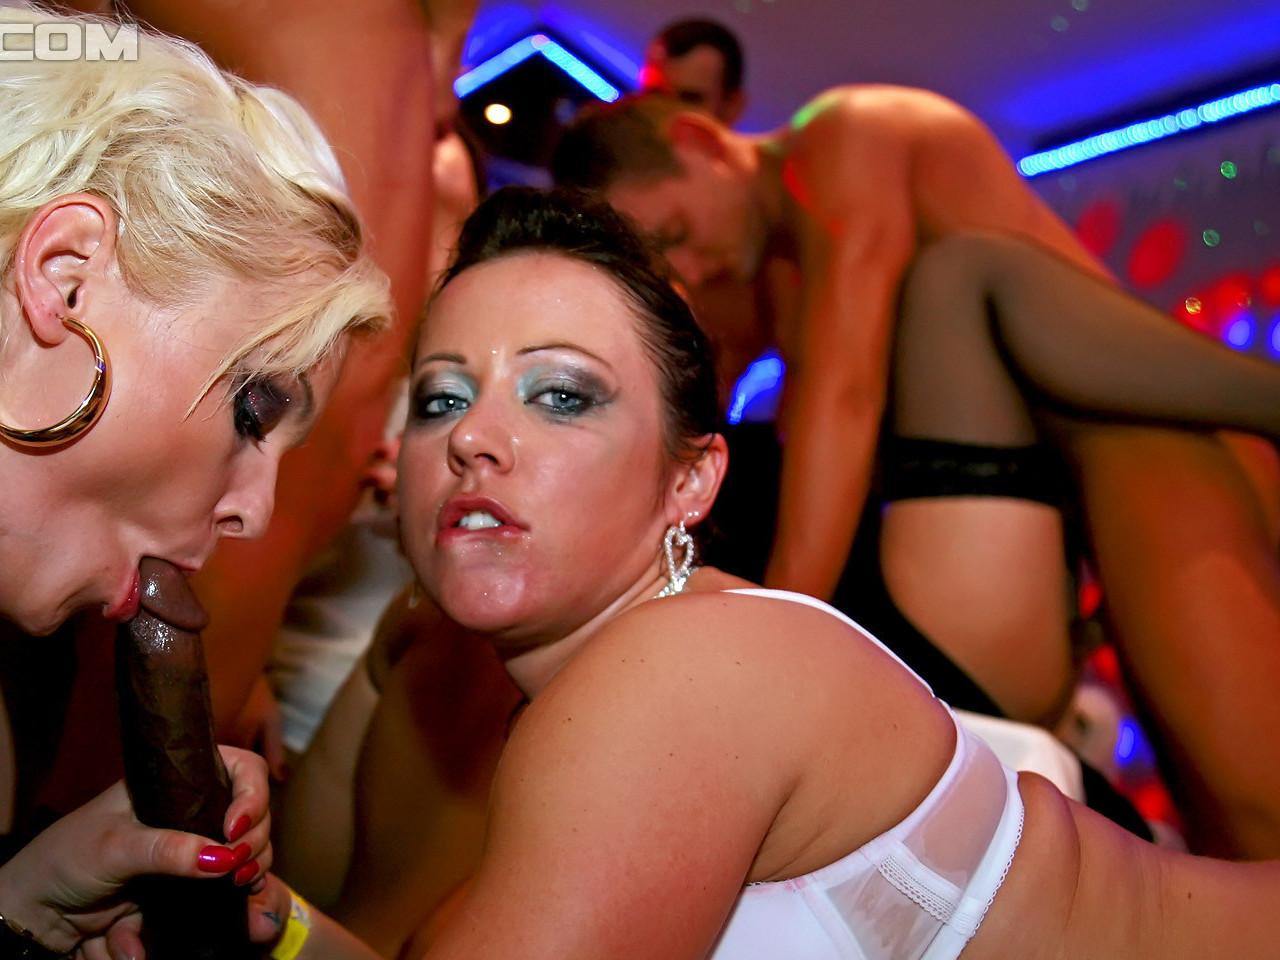 prostitutas villanueva de la serena pasion travestis prostitutas